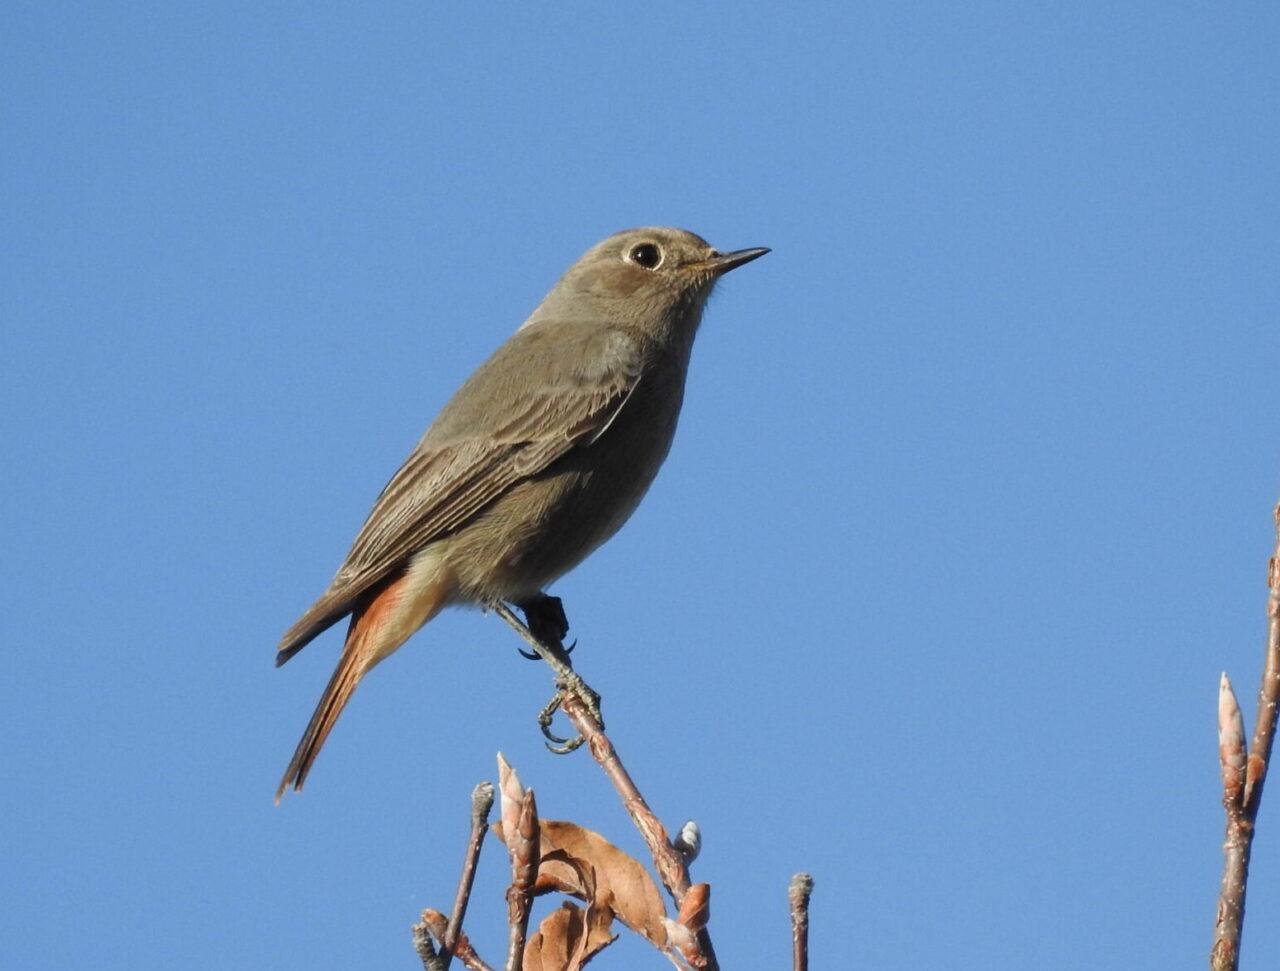 anellamento muse uccelli ledro codirosso spazzacamino, specie di passo tardiva PP MUSE